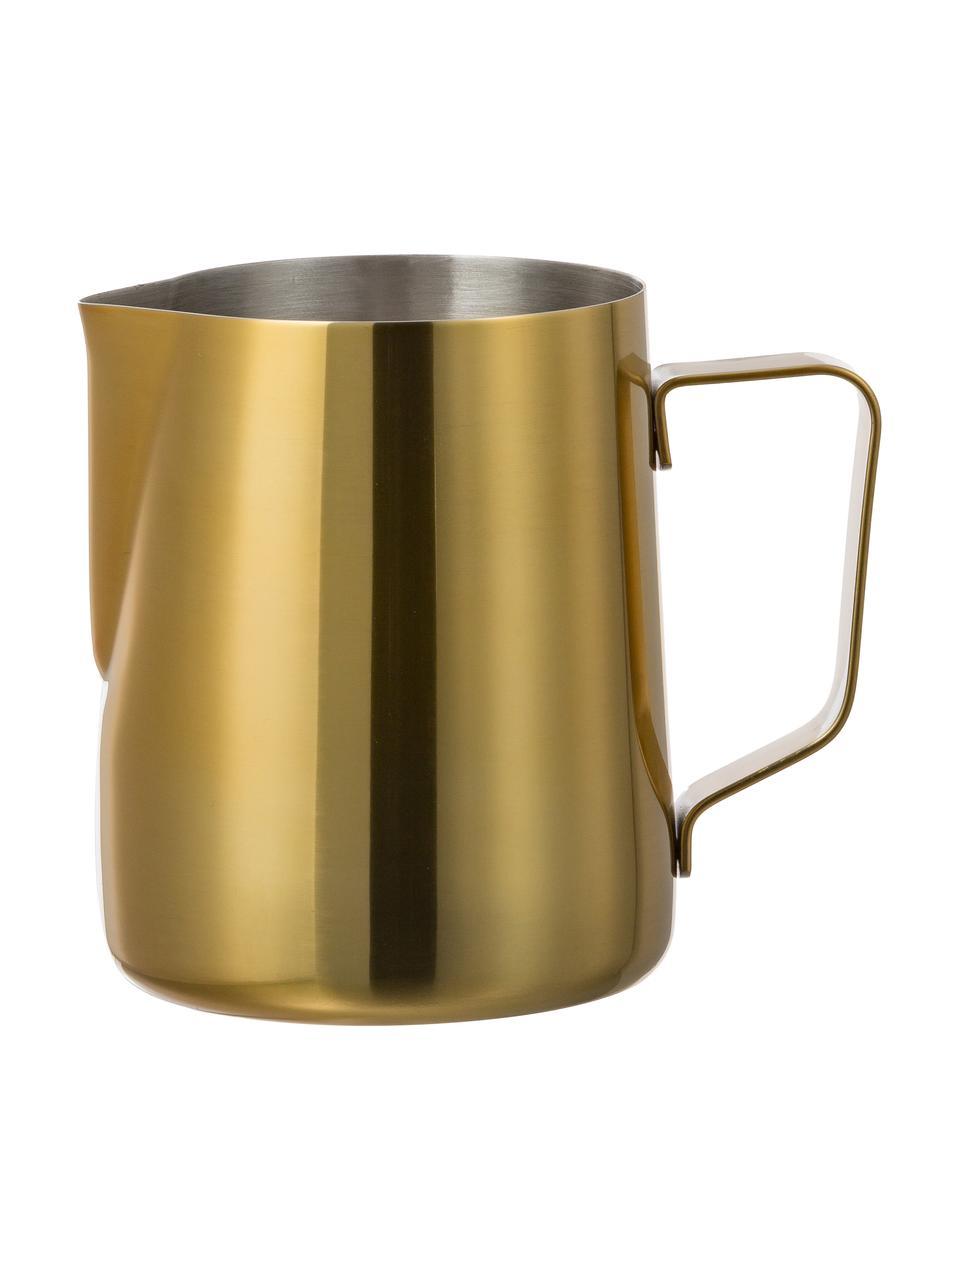 Milchkännchen Curacao aus Edelstahl in Gold, 500 ml, Außen: Edelstahl, beschichtet, Innen: Edelstahl, Goldfarben, Ø 9 x H 11 cm